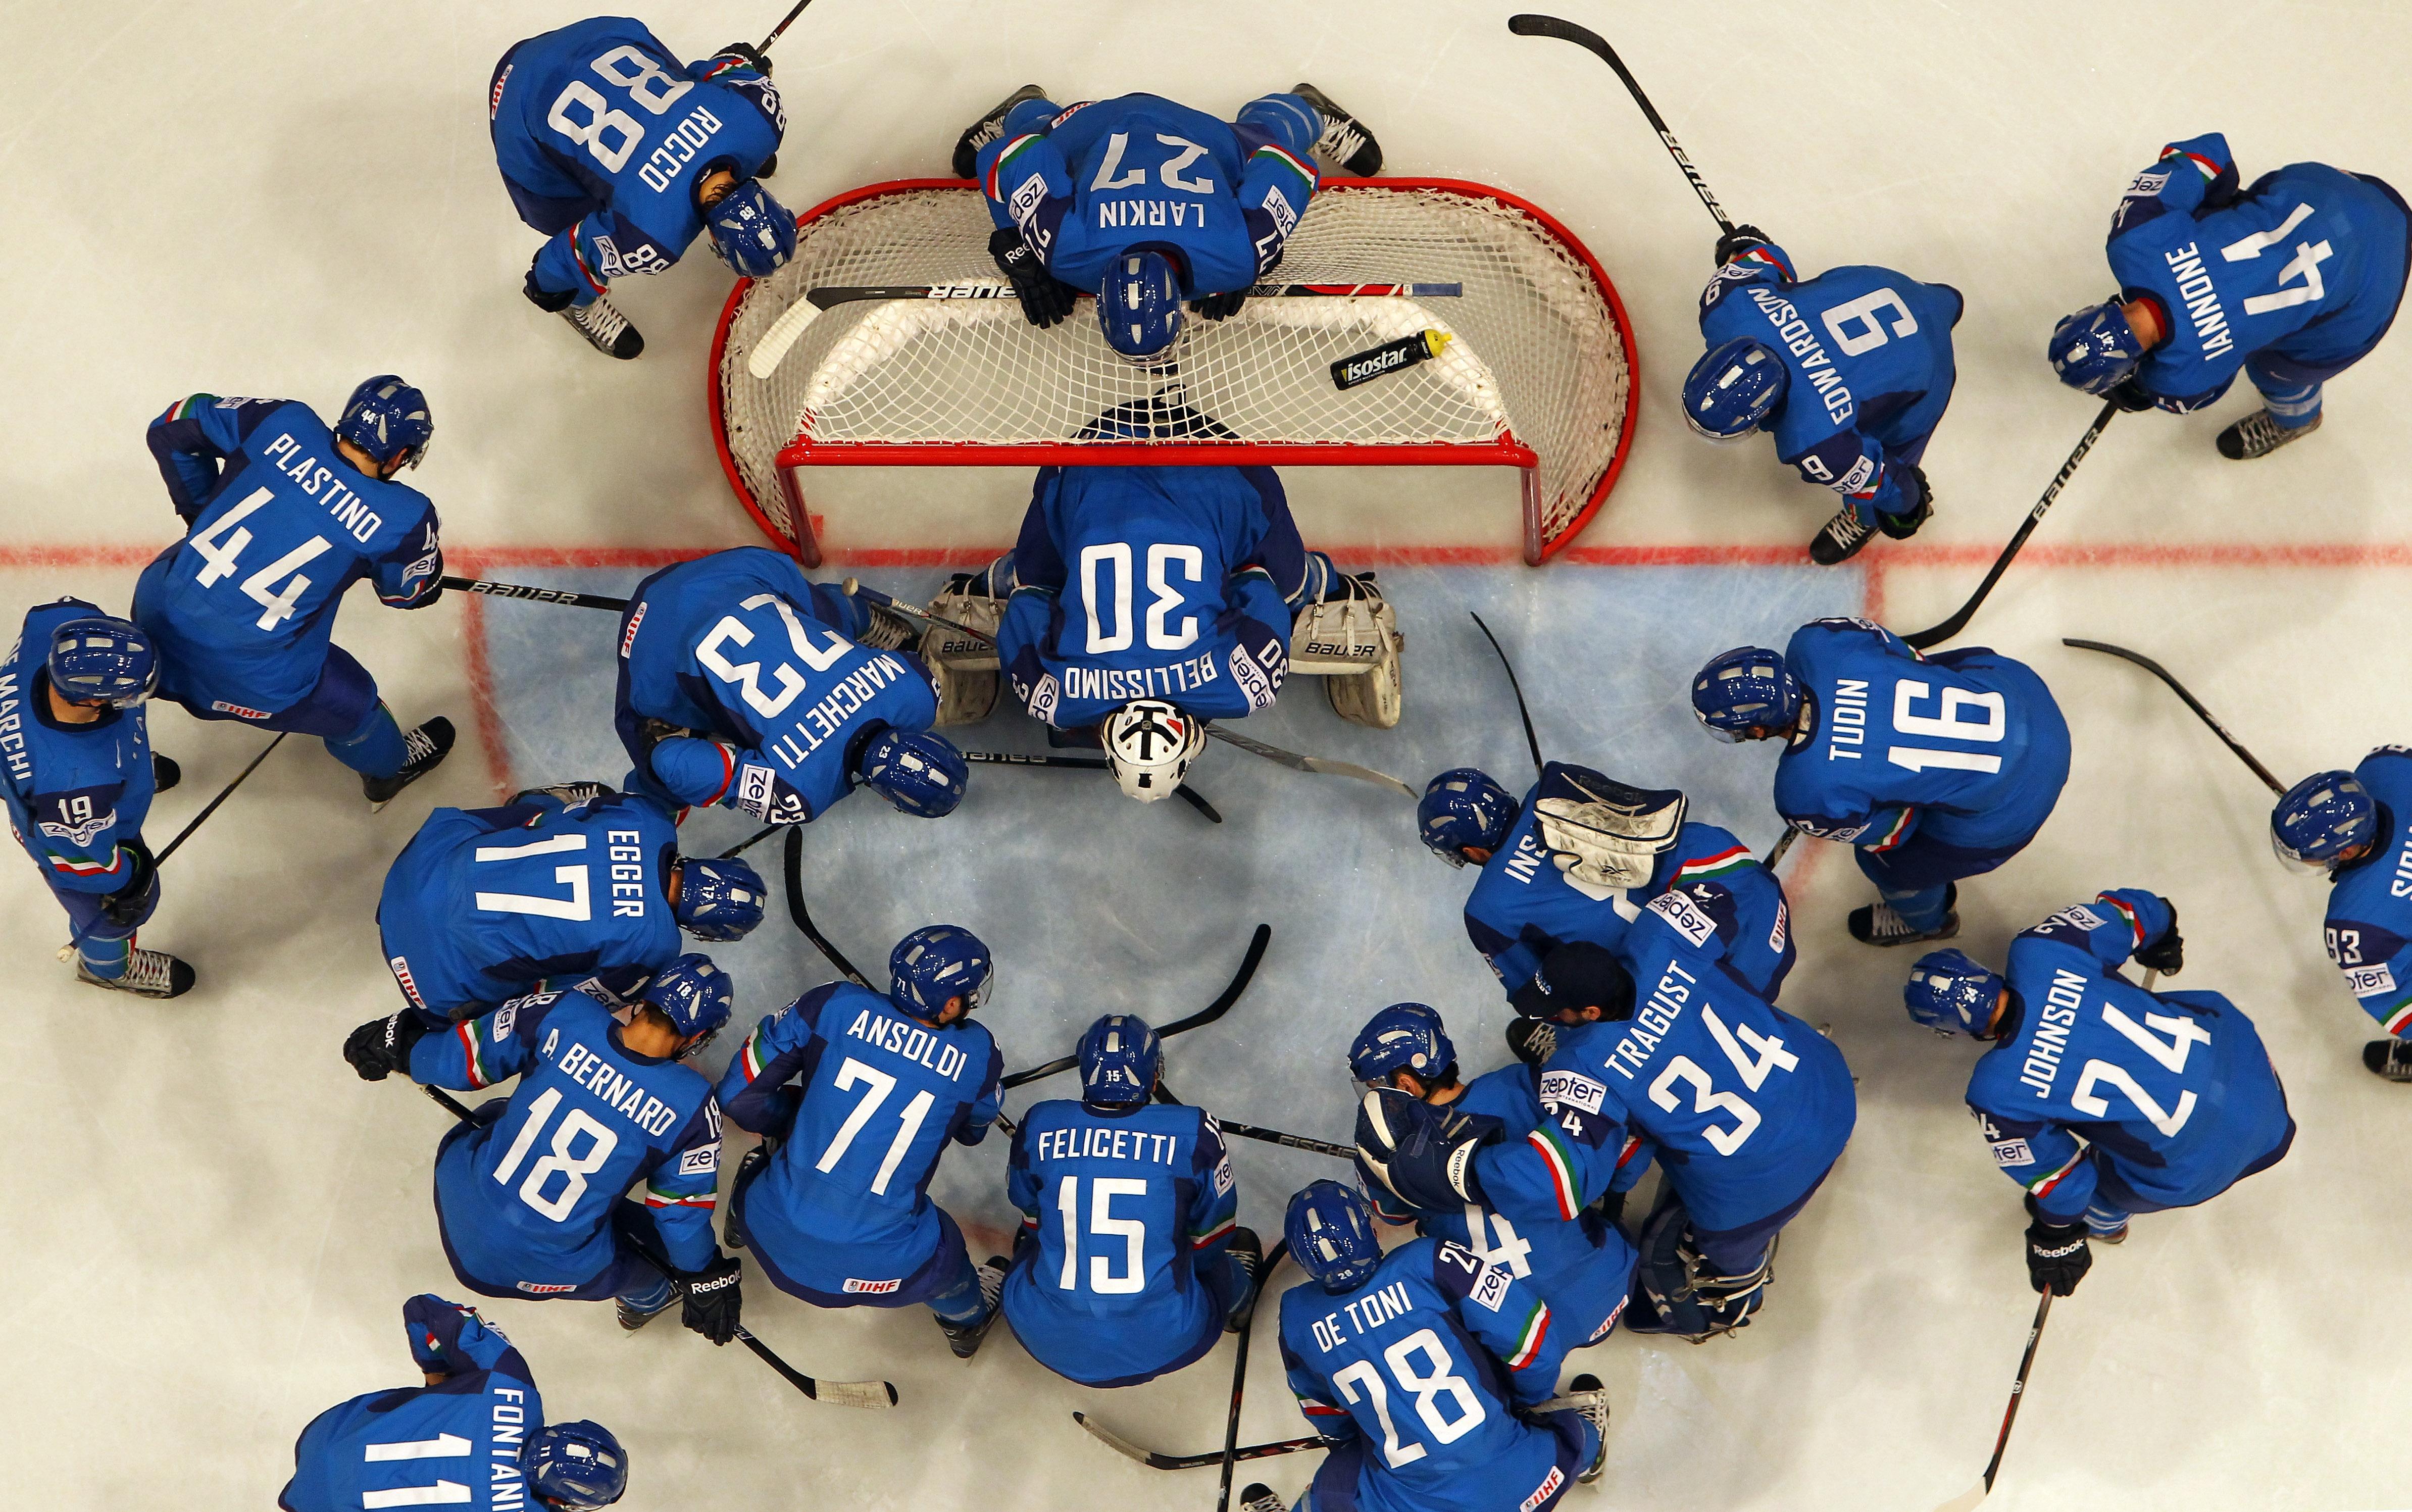 Русские хоккеисты забросили 10 шайб впобедном матчеЧМ ситальянцами